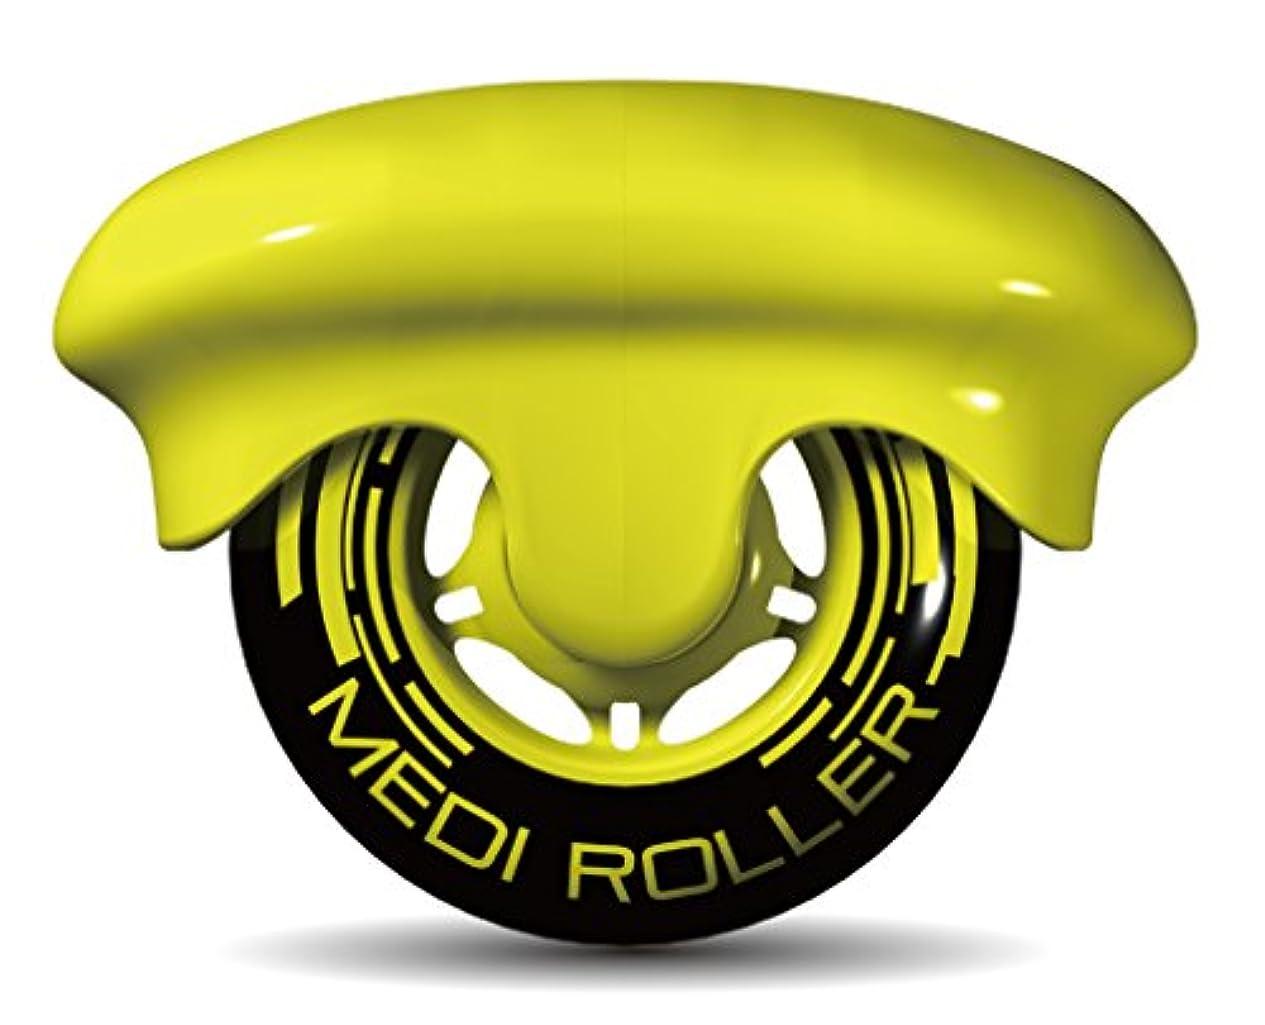 競う想像力豊かな慣らすMEDI ROLLER (メディローラー) 巾着付き 筋肉のコリを点で押すセルフローラー (イエロー)